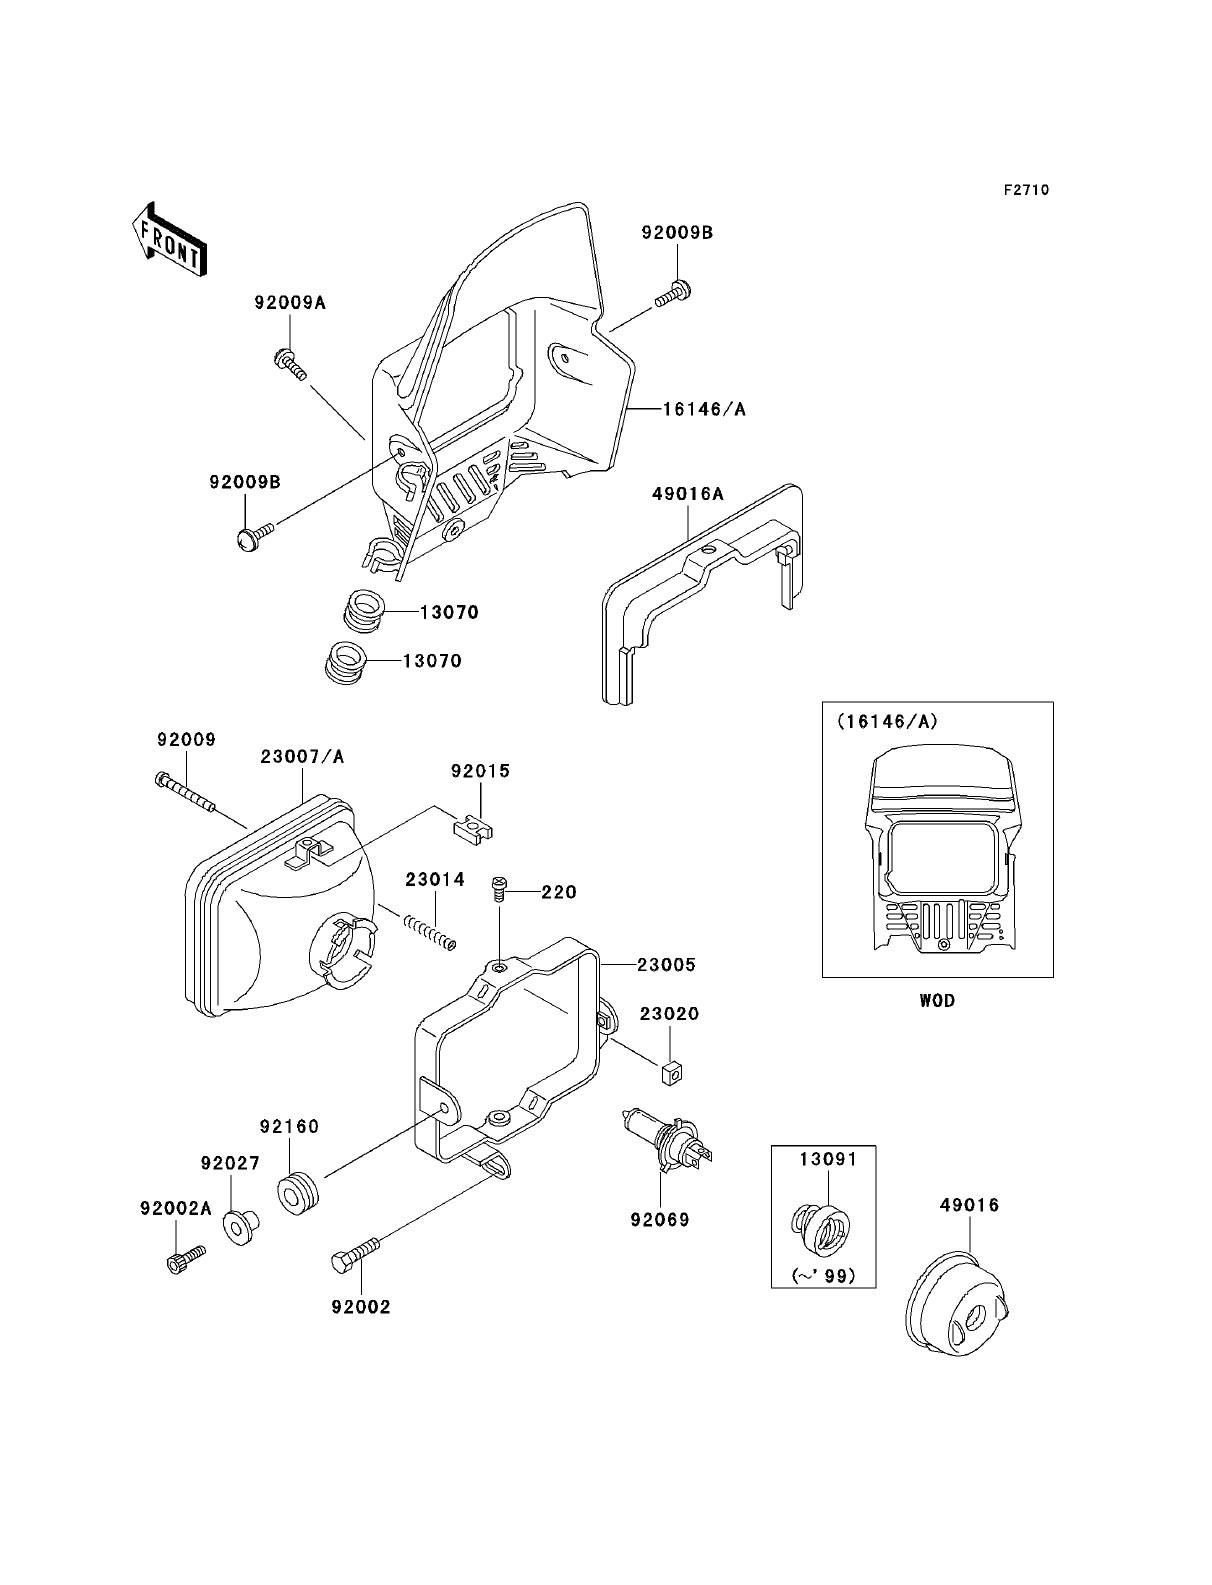 Rear Brake Parts Diagram Kawasaki Klr250 Kawasaki Klr250 Parts Diagrams Of Rear Brake Parts Diagram